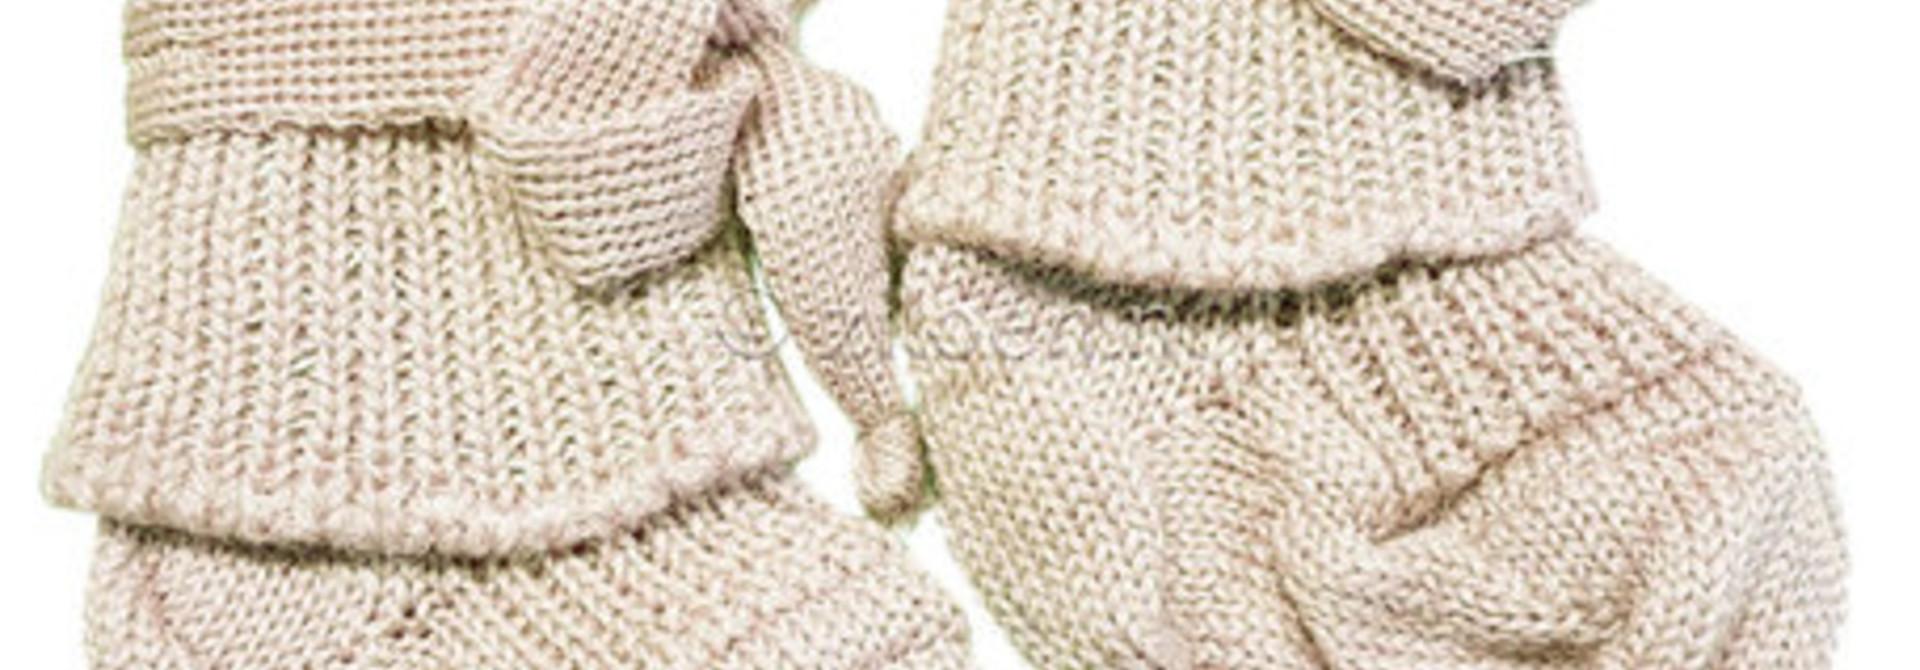 Woolen newborn socks